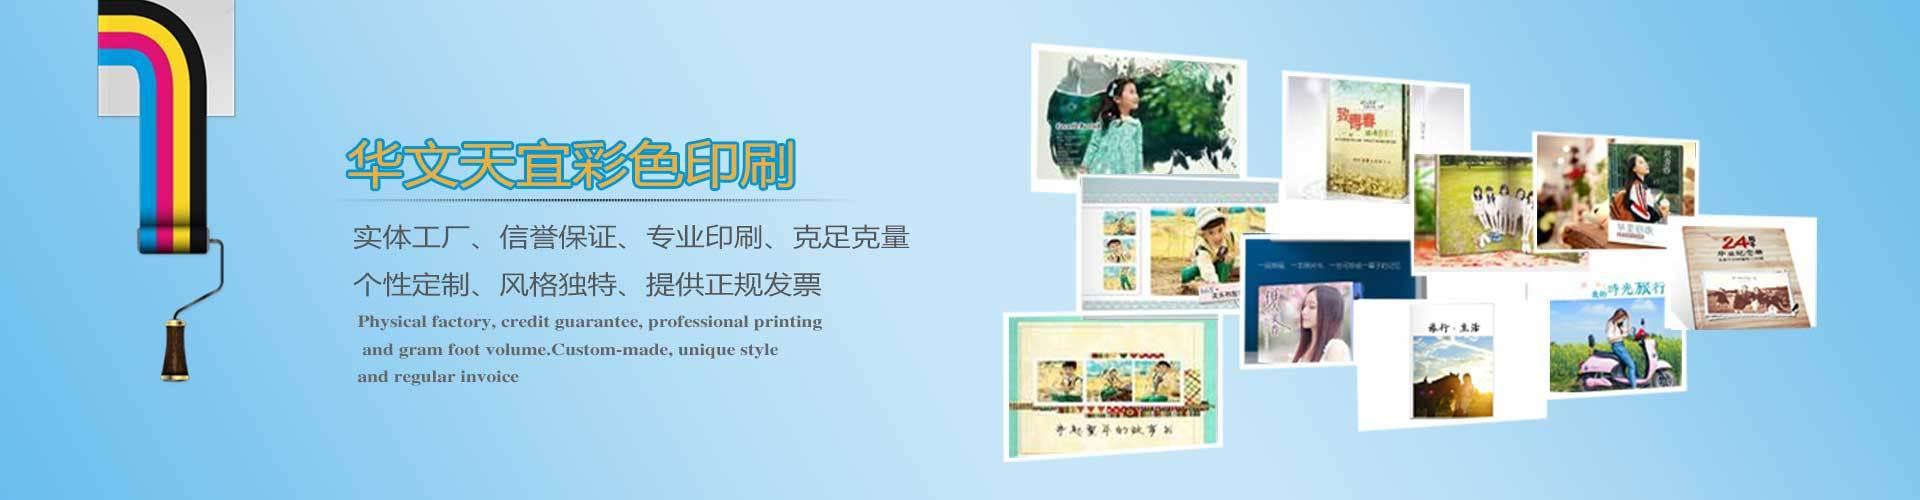 北京印刷厂北京印刷公司电话